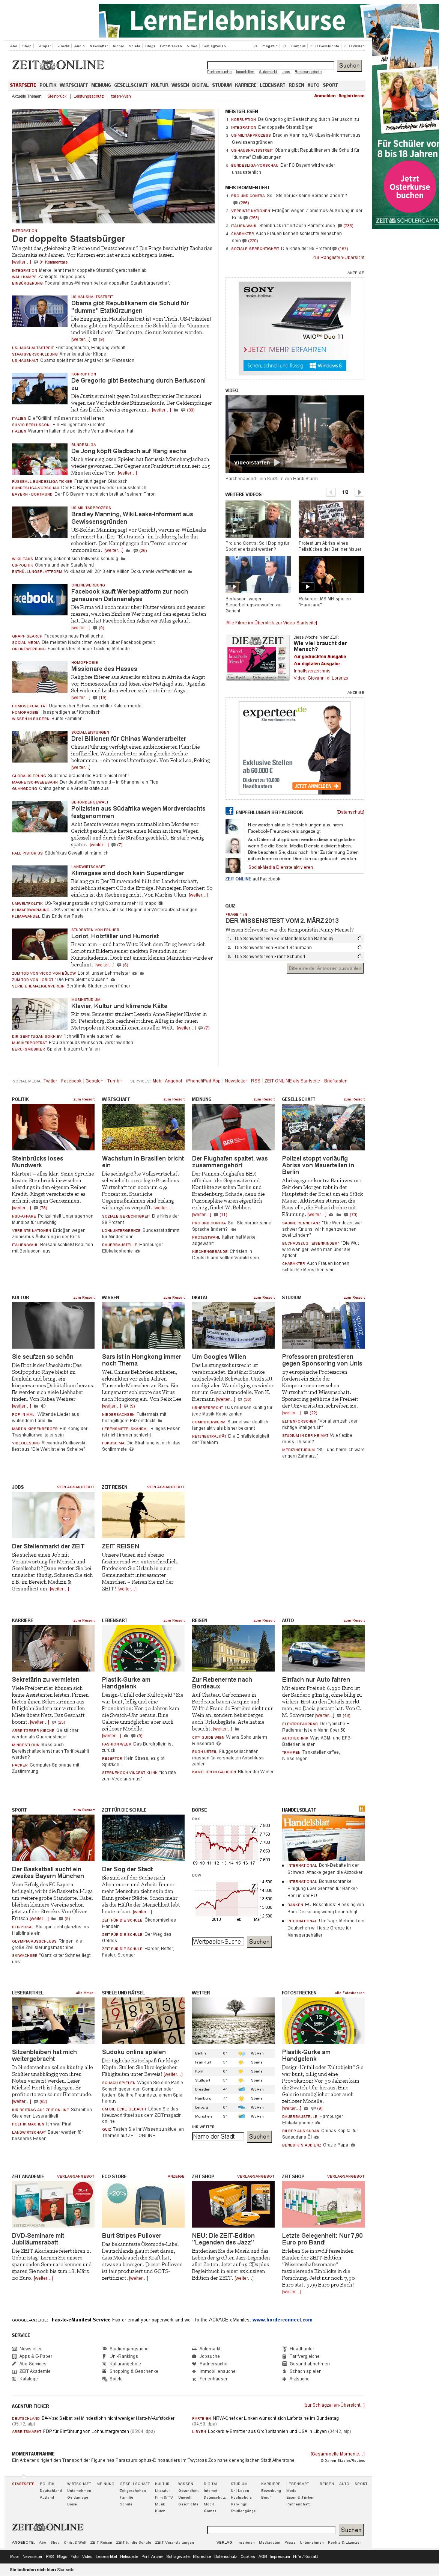 Zeit Online at Saturday March 2, 2013, 4:24 a.m. UTC